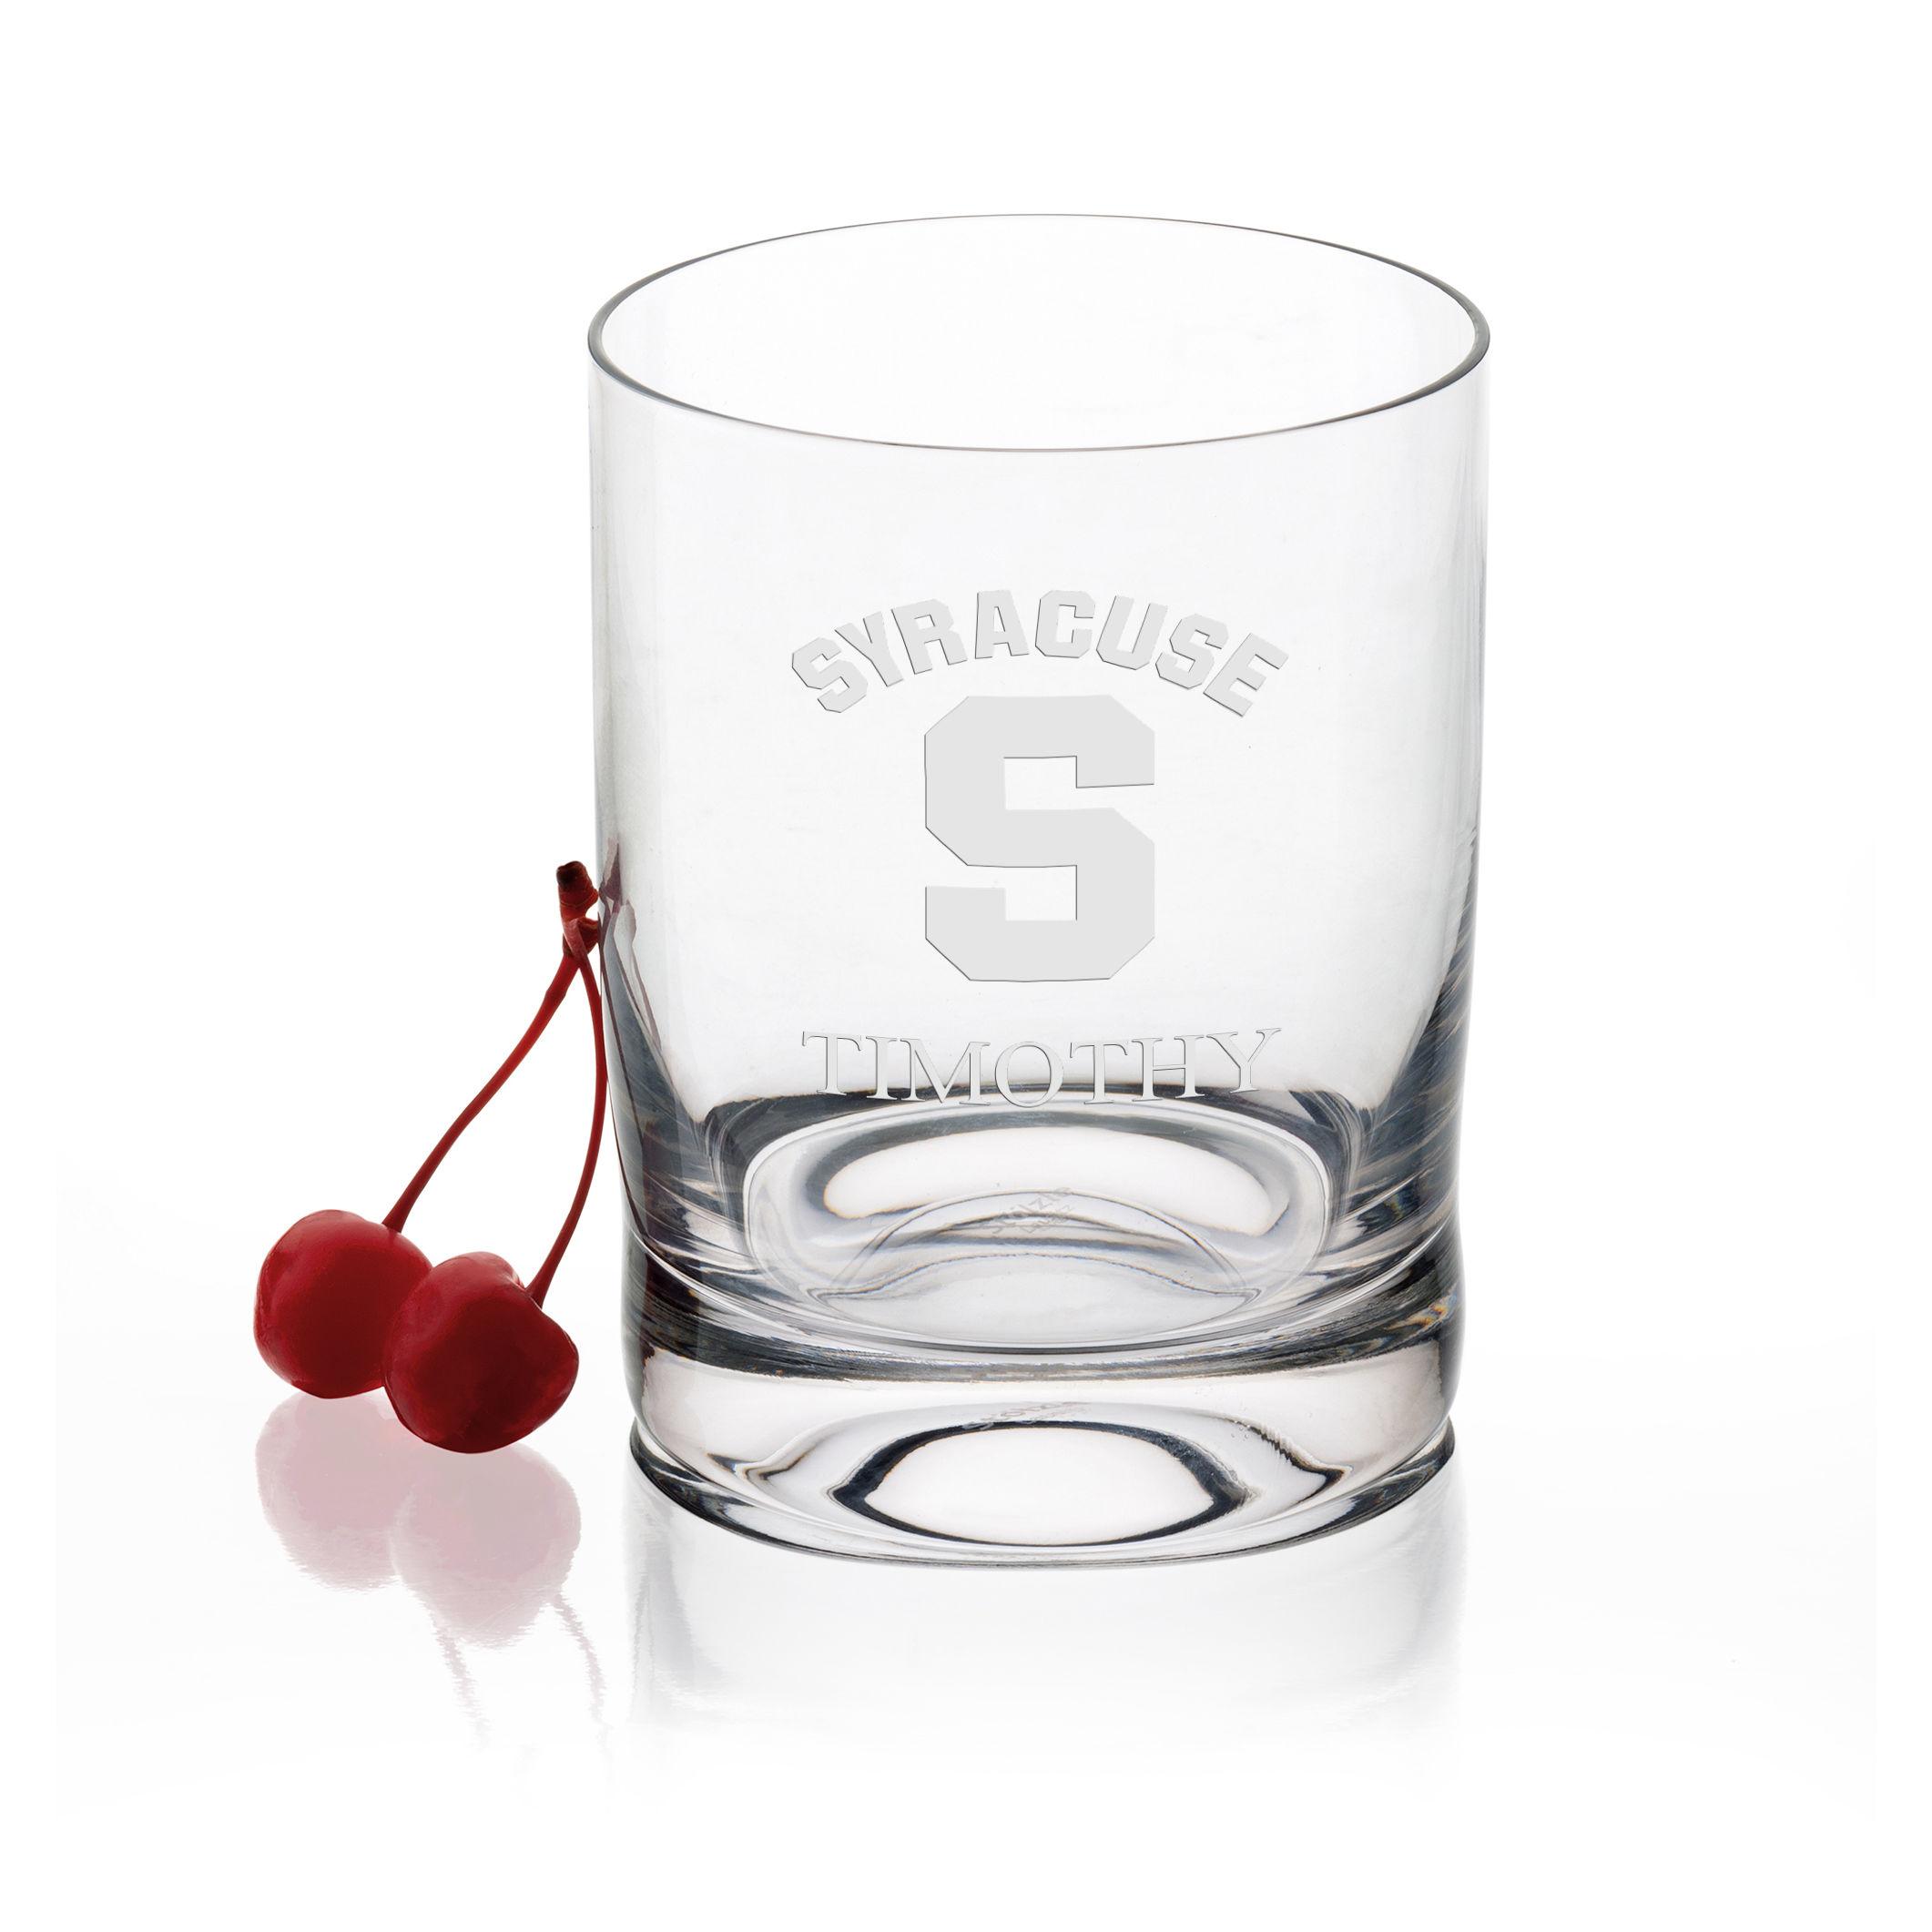 Syracuse University Tumbler Glasses - Set of 2